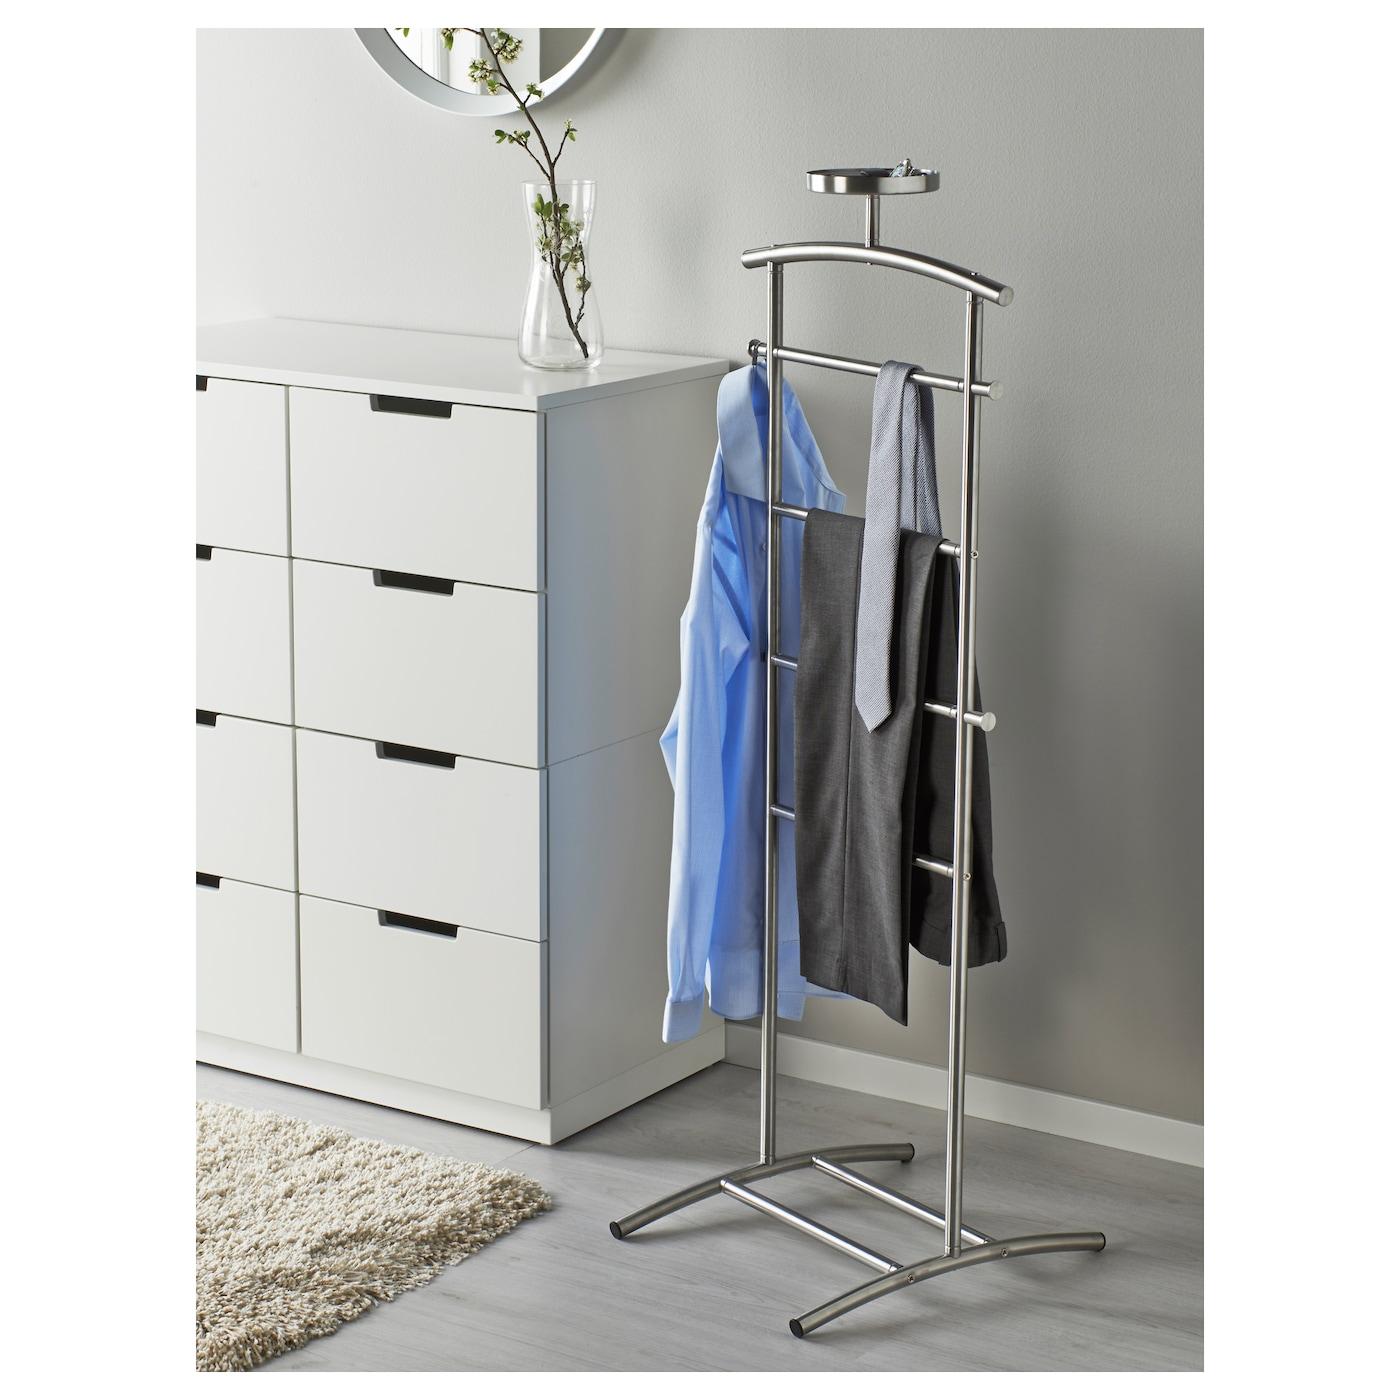 grundtal valet acier inoxydable 128 cm ikea. Black Bedroom Furniture Sets. Home Design Ideas